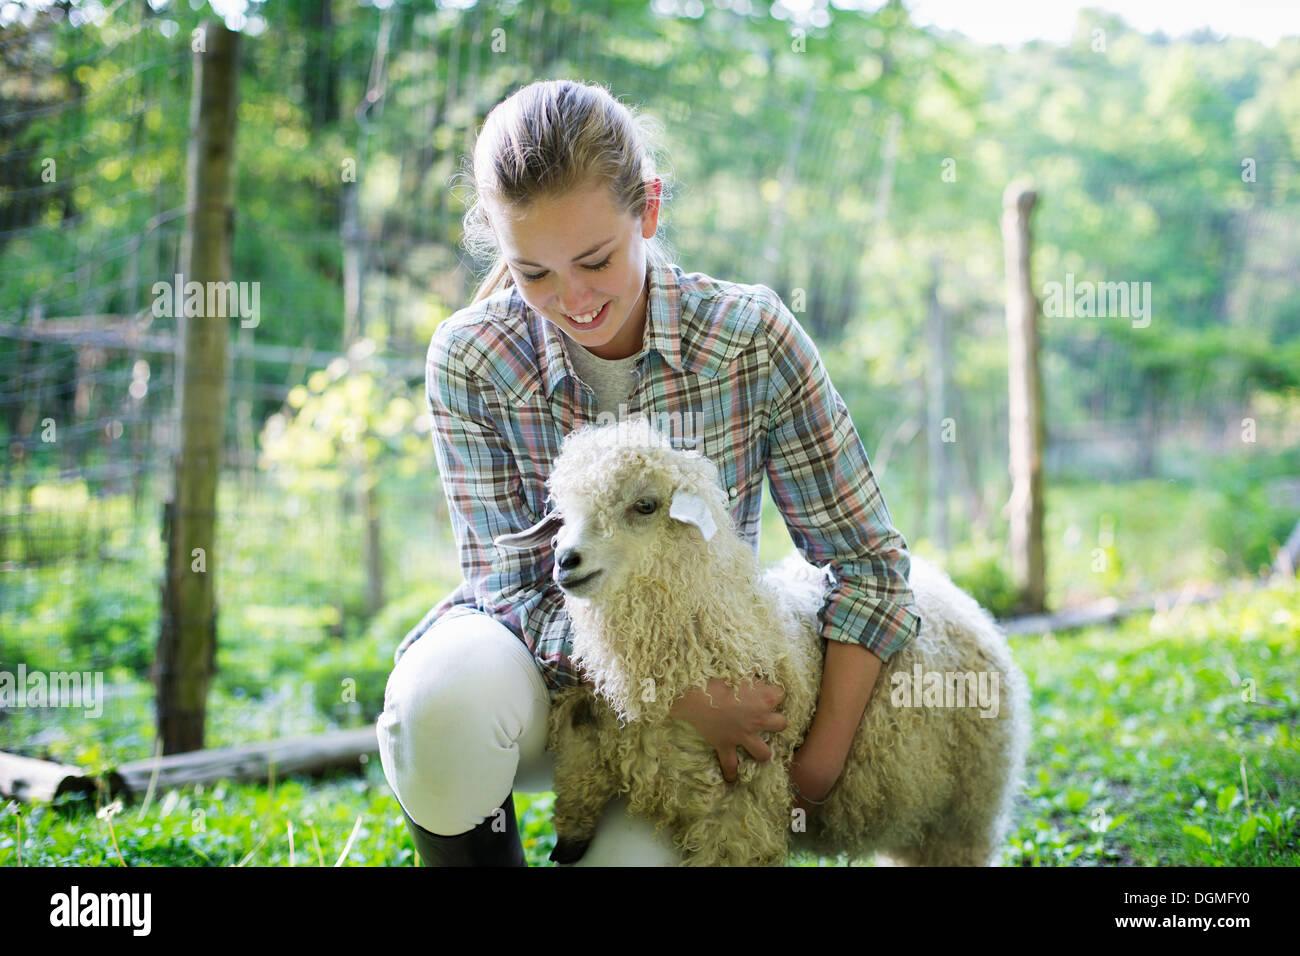 Un adolescent s'agenouiller et de mettre ses bras autour d'une très curly haired chèvre angora. Photo Stock